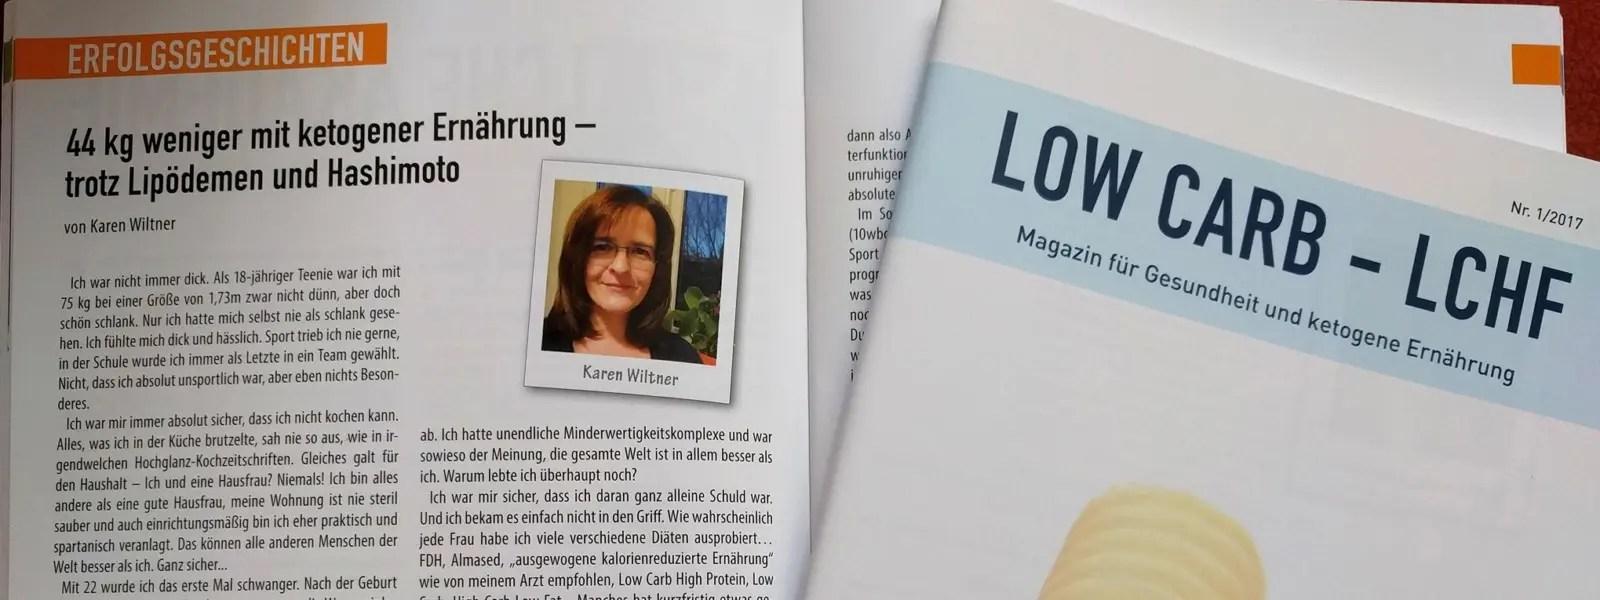 Leseprobe LCHF Magazin 01/2017: Meine Abnehmgeschichte